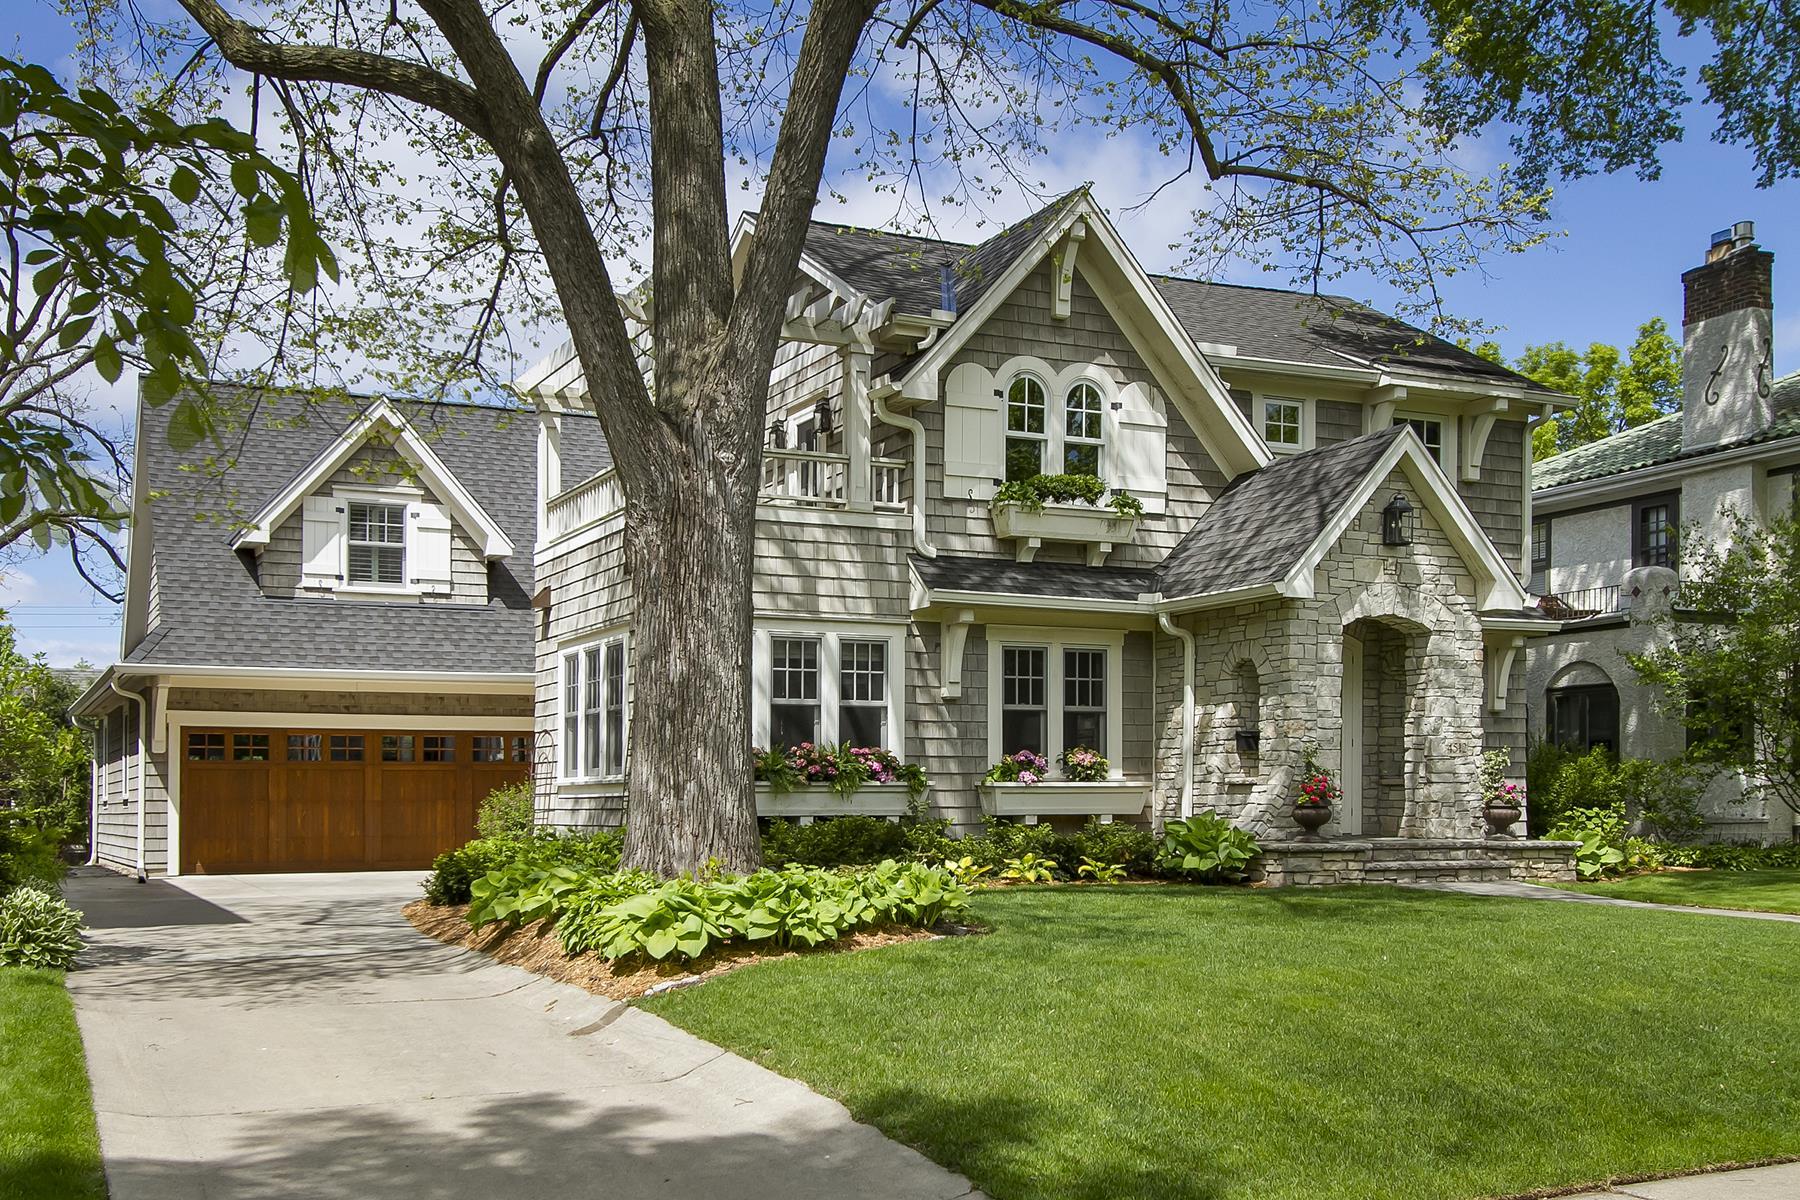 Villa per Vendita alle ore 4512 Drexel Avenue Edina, Minnesota, 55424 Stati Uniti